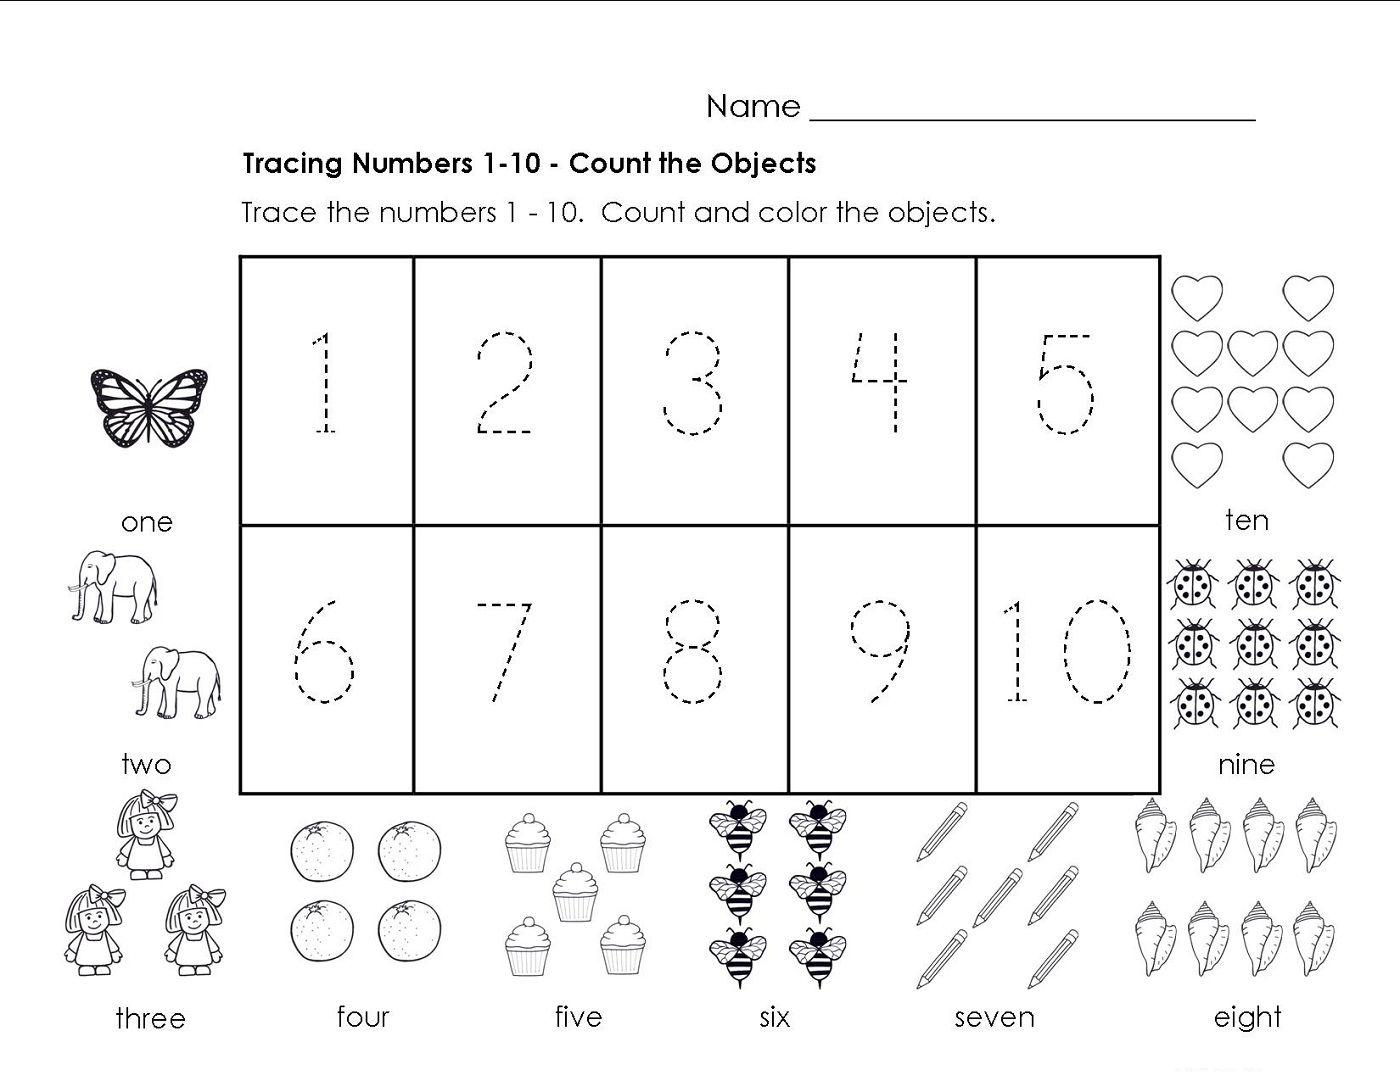 Traceable Numbers 1-10 Worksheets To Print | Preschool